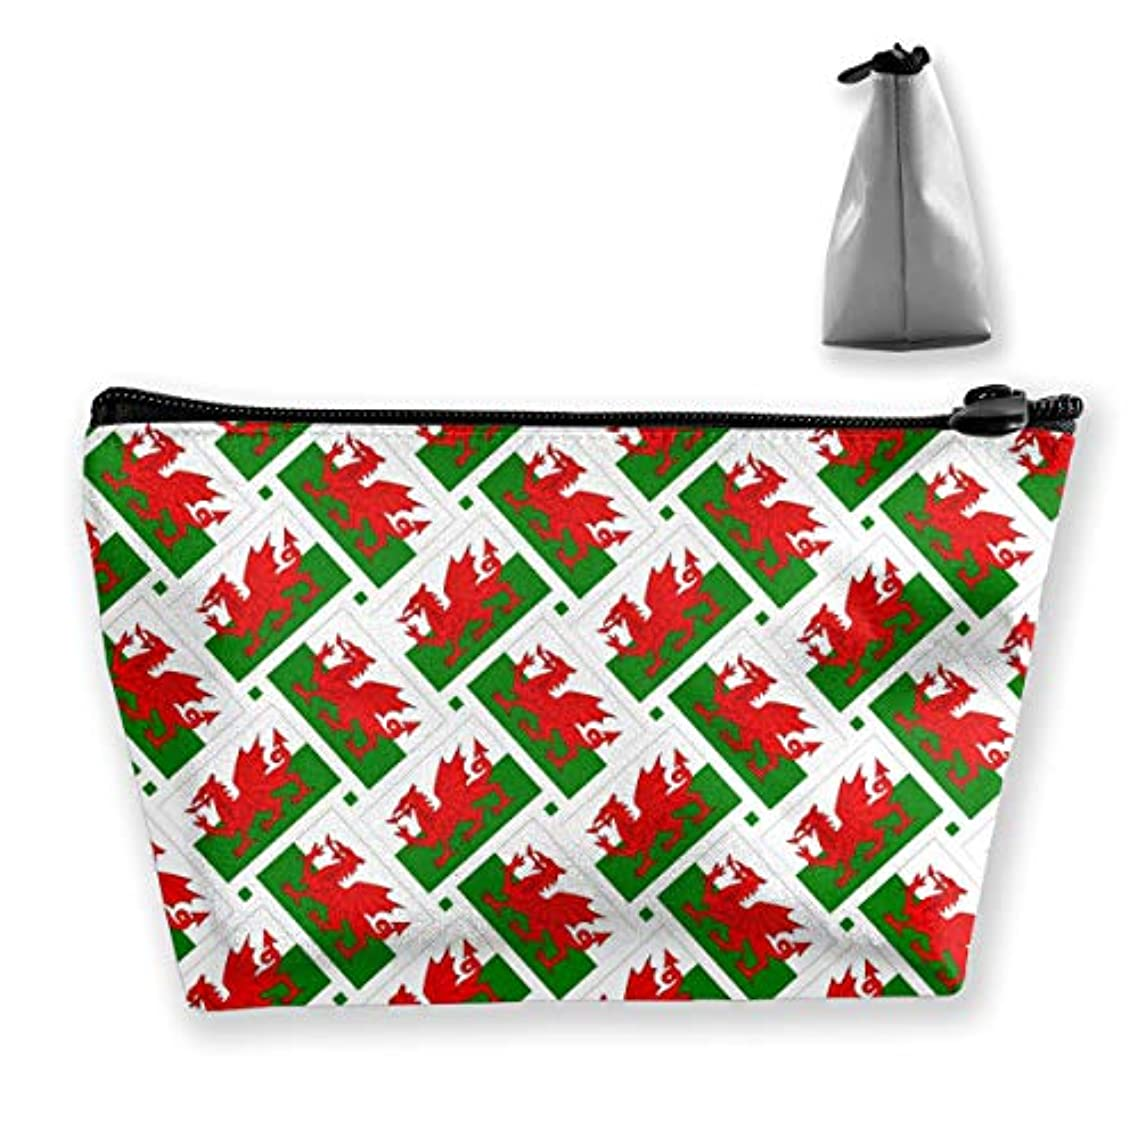 クラウン構成員女の子ウェールズの旗 化粧ポーチ メイクポーチ ミニ 財布 機能的 大容量 ポータブル 収納 小物入れ 普段使い 出張 旅行 ビーチサイド旅行